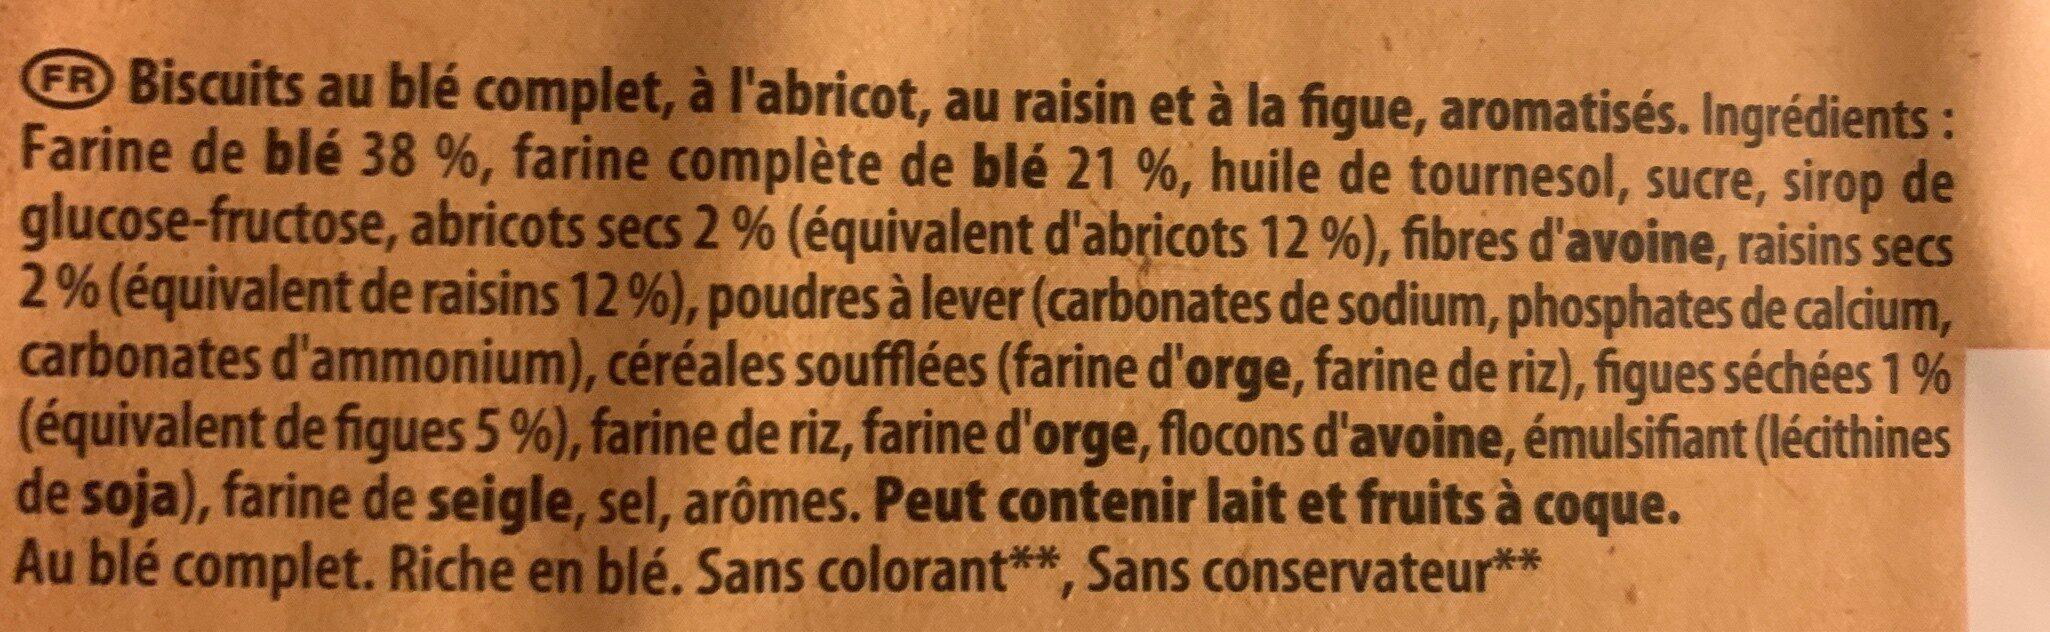 Les Petits Épis figue raisin abricot - Ingrédients - fr